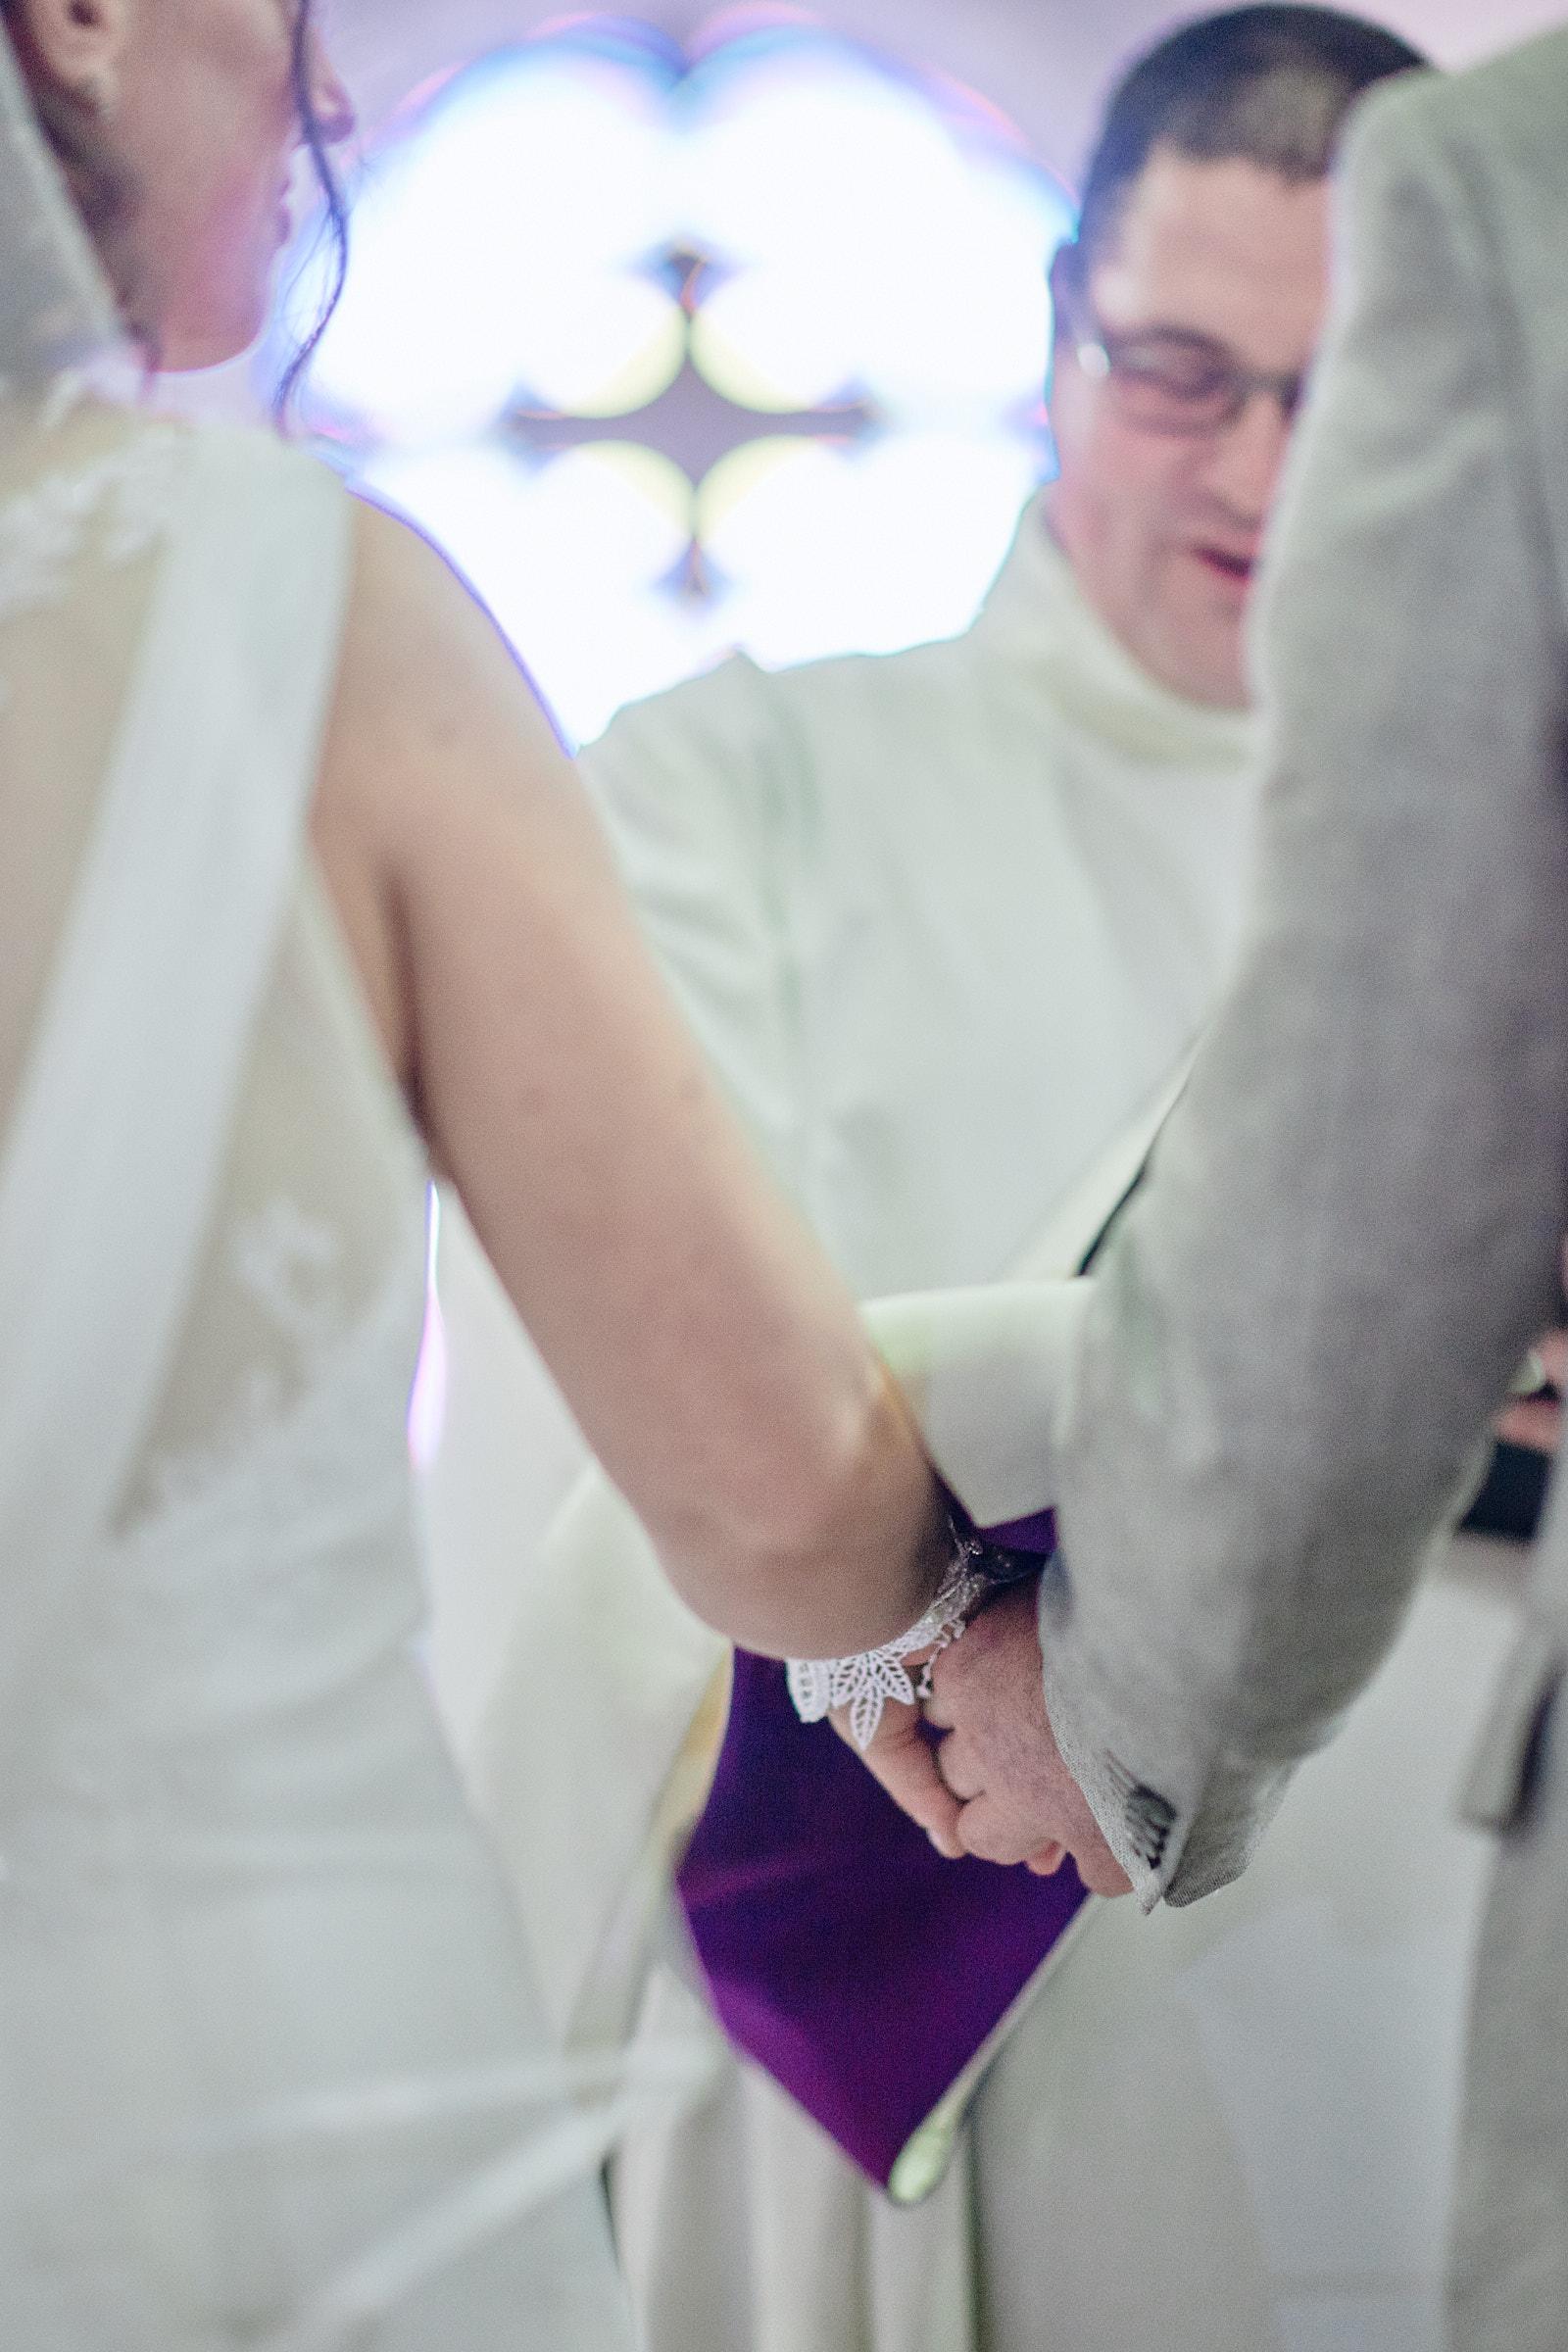 le diacre béni les mariés